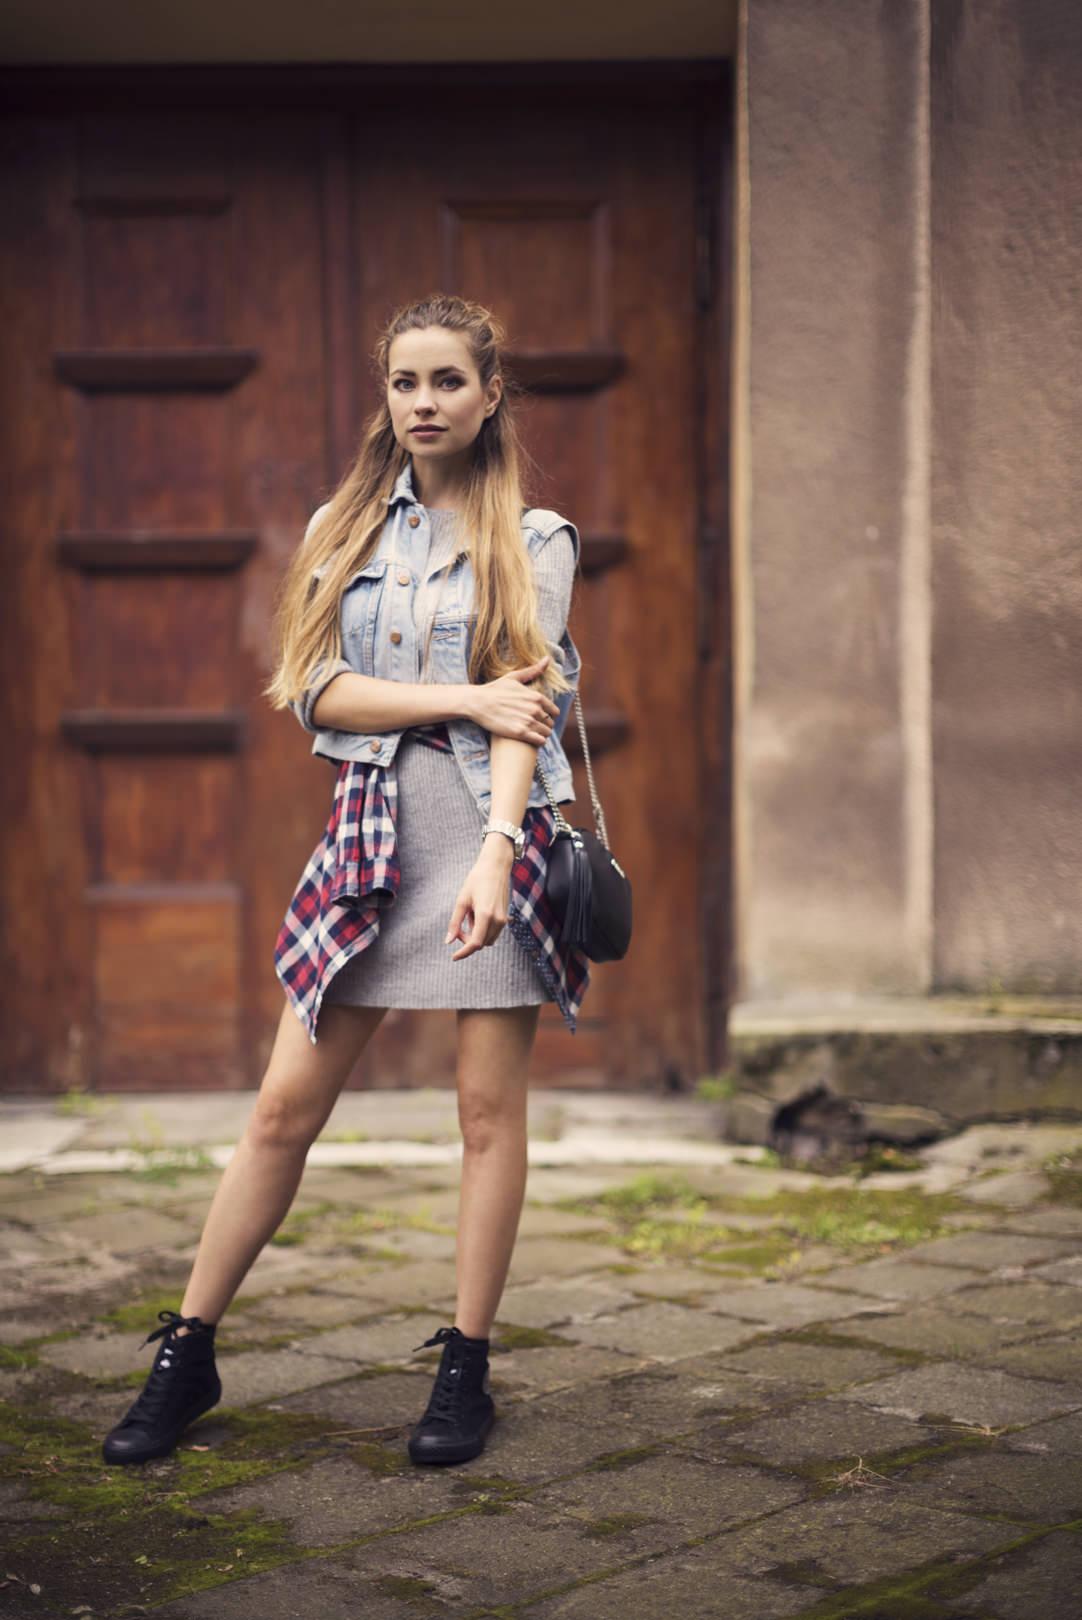 Juliette_in_Wonderland_grunge_03